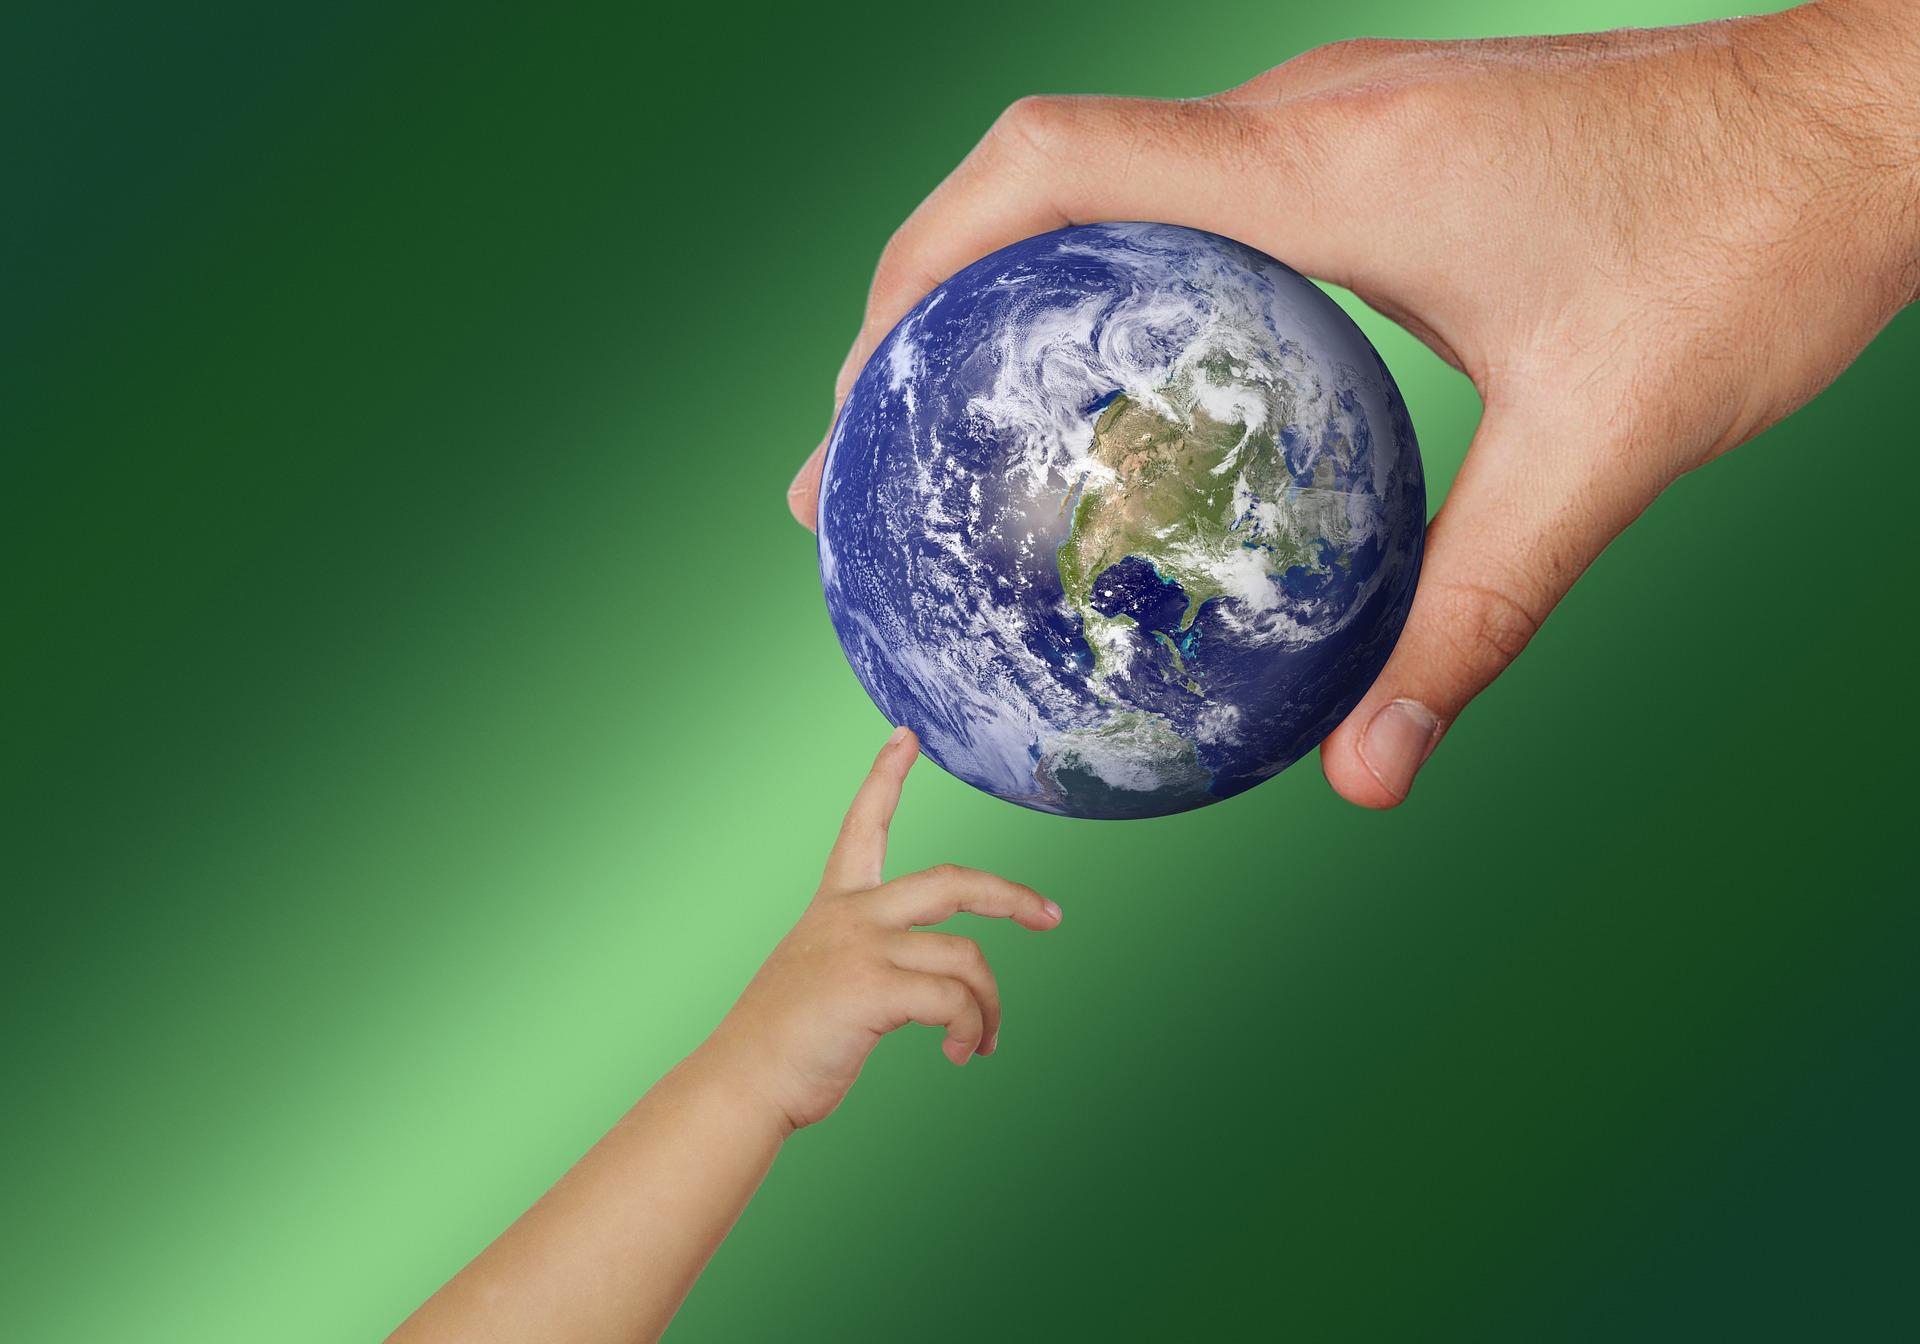 Diez formas de involucrarse más con el medio ambiente a pequeña